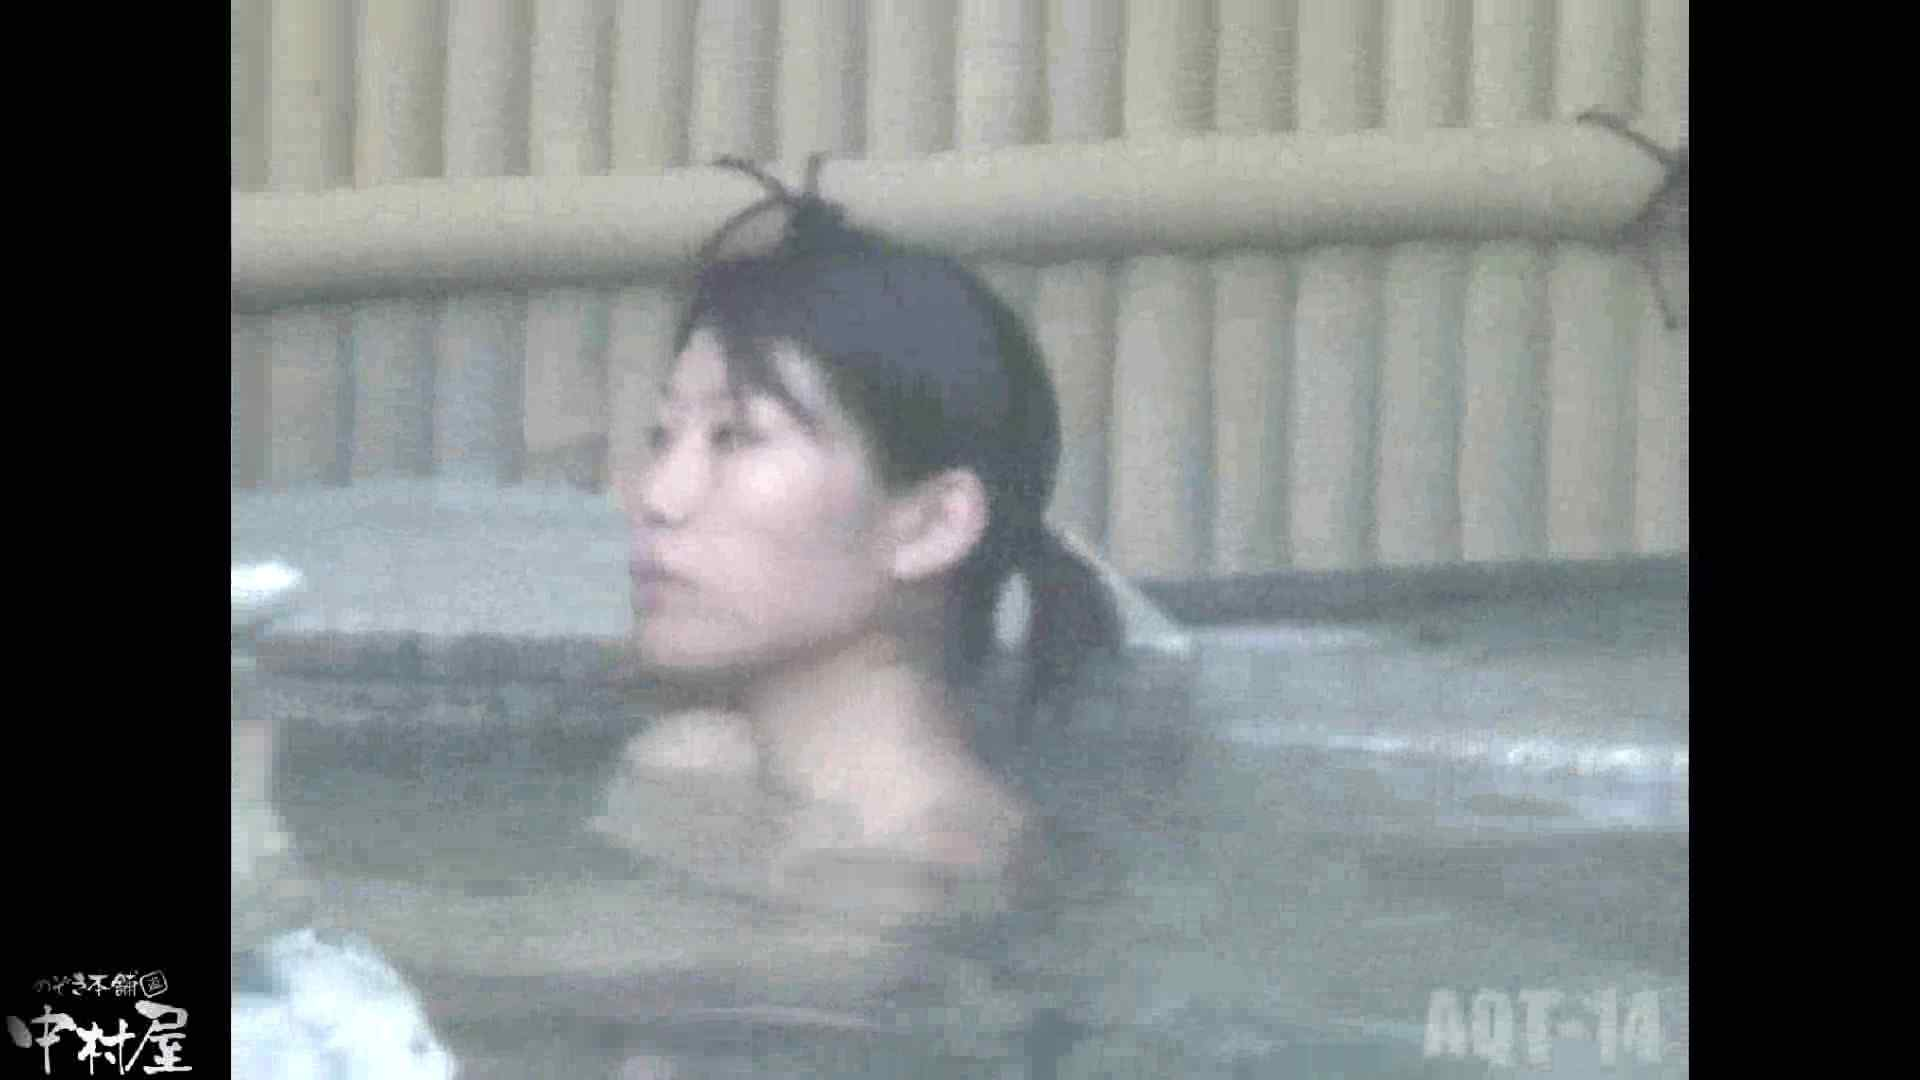 Aquaな露天風呂Vol.878潜入盗撮露天風呂十四判湯 其の一 露天 | 盗撮  78pic 72